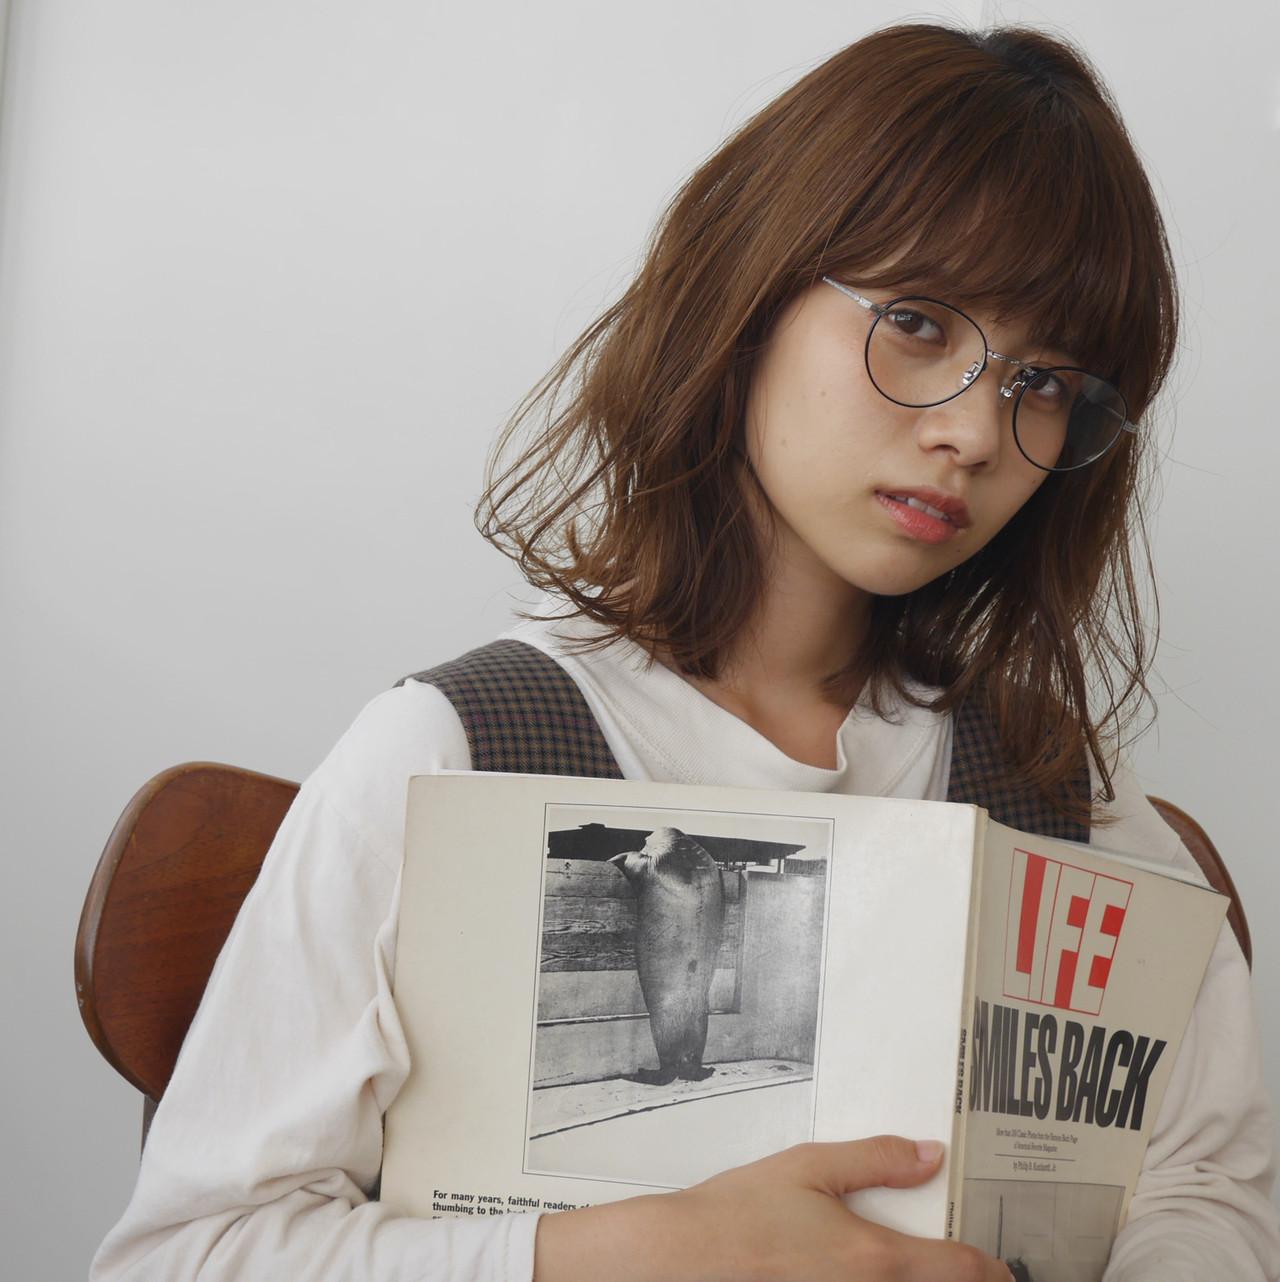 無造作パーマ ゆるふわパーマ パーマ スパイラルパーマ ヘアスタイルや髪型の写真・画像 | 井浦果歩 / ecouter